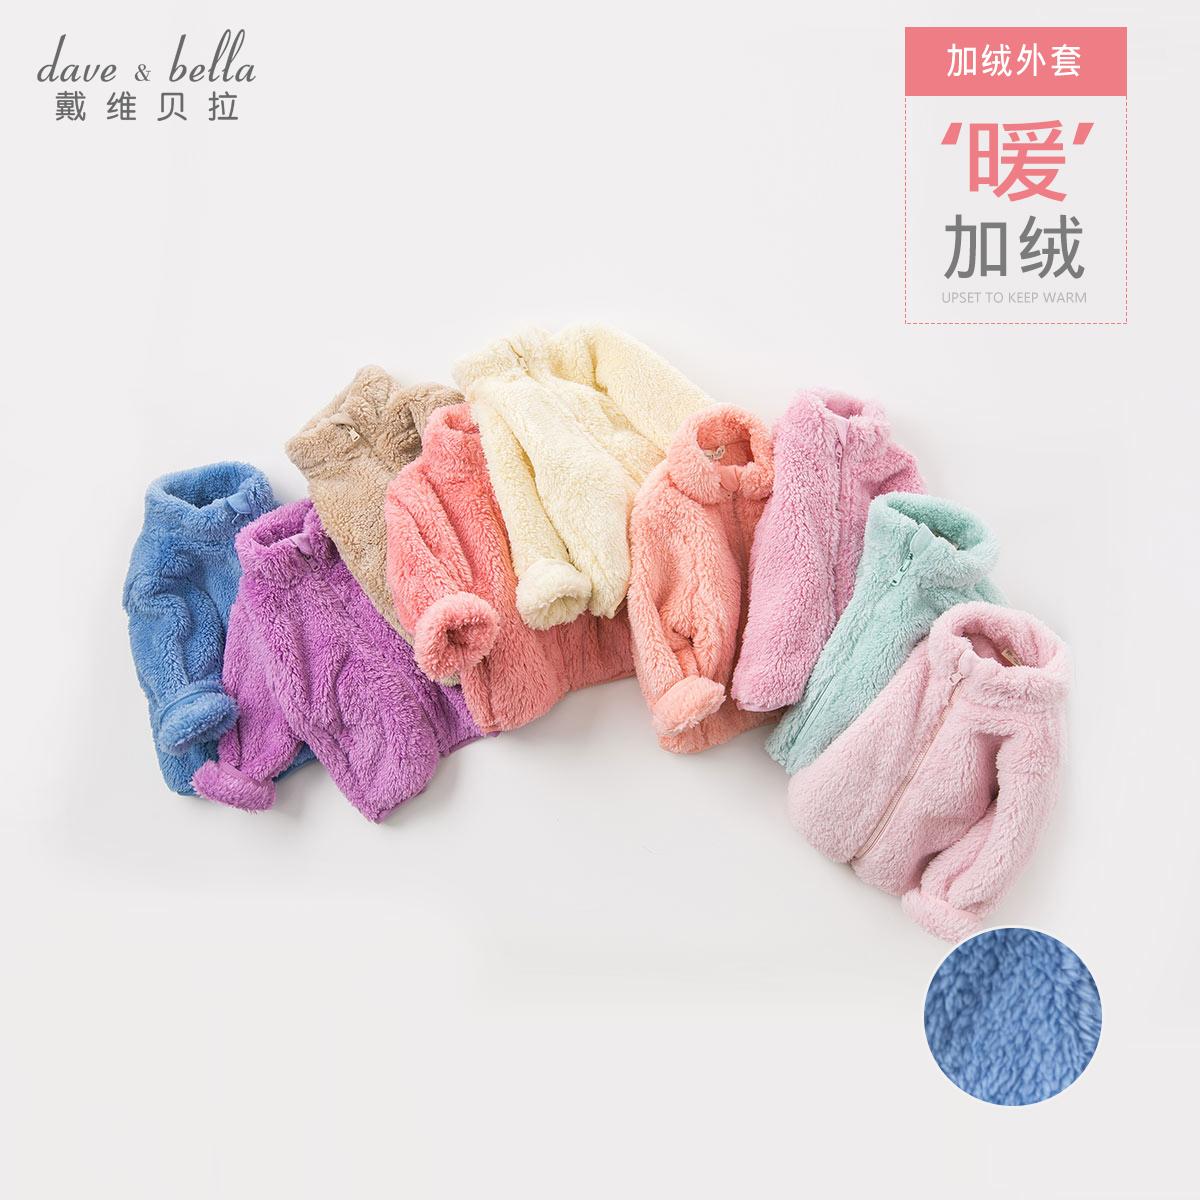 【加厚】davebella戴維貝拉男女童冬季毛絨寶寶保暖外套DB4677